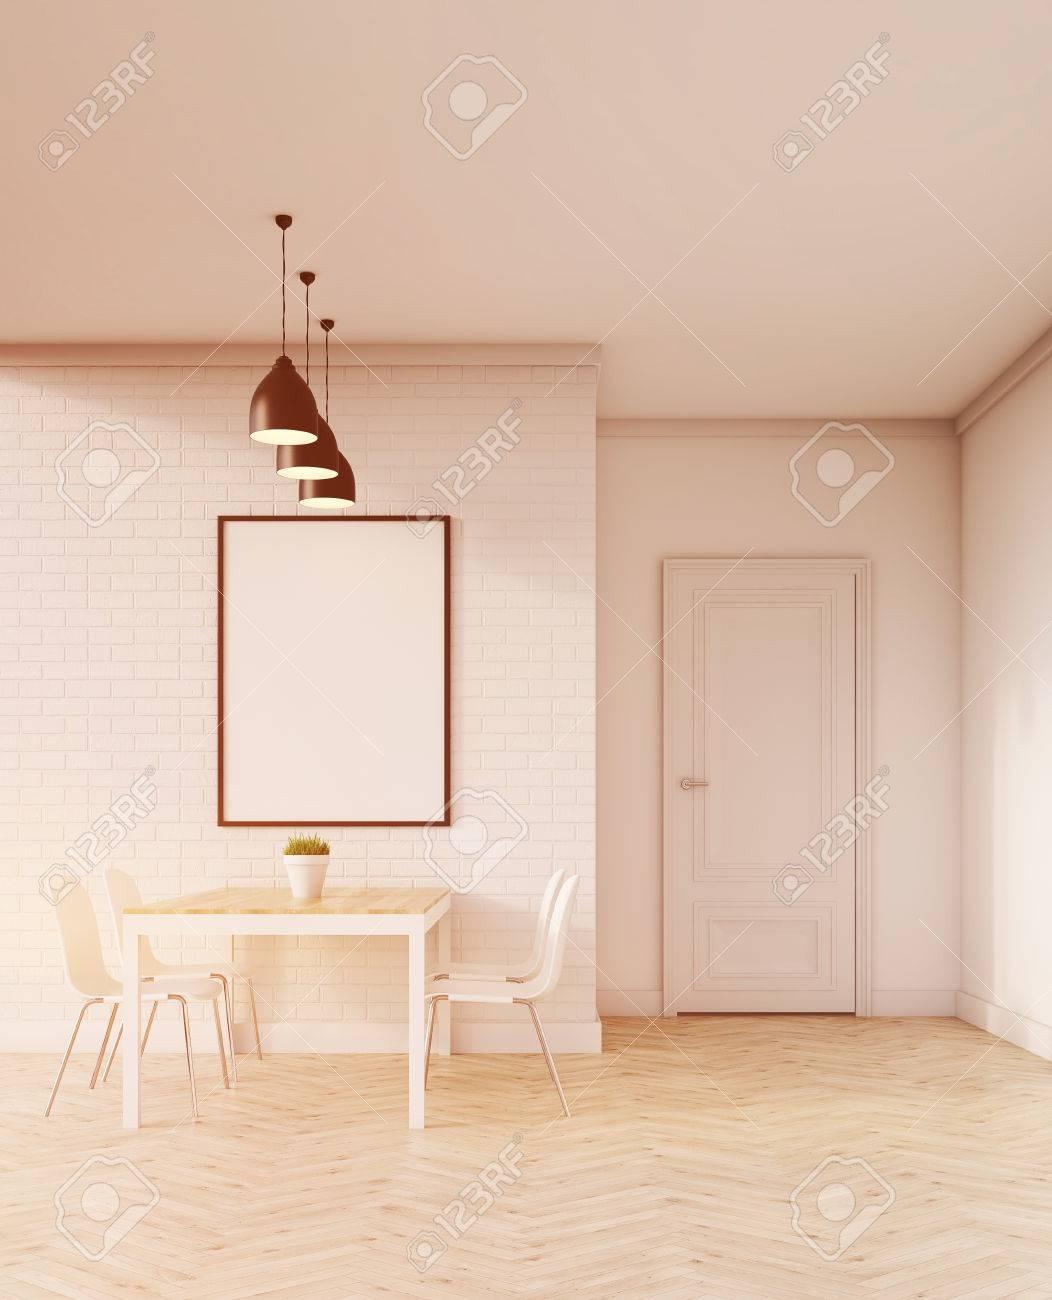 Vertikale Plakat An Der Wand über Esstisch Hängen Umgeben Mit ...